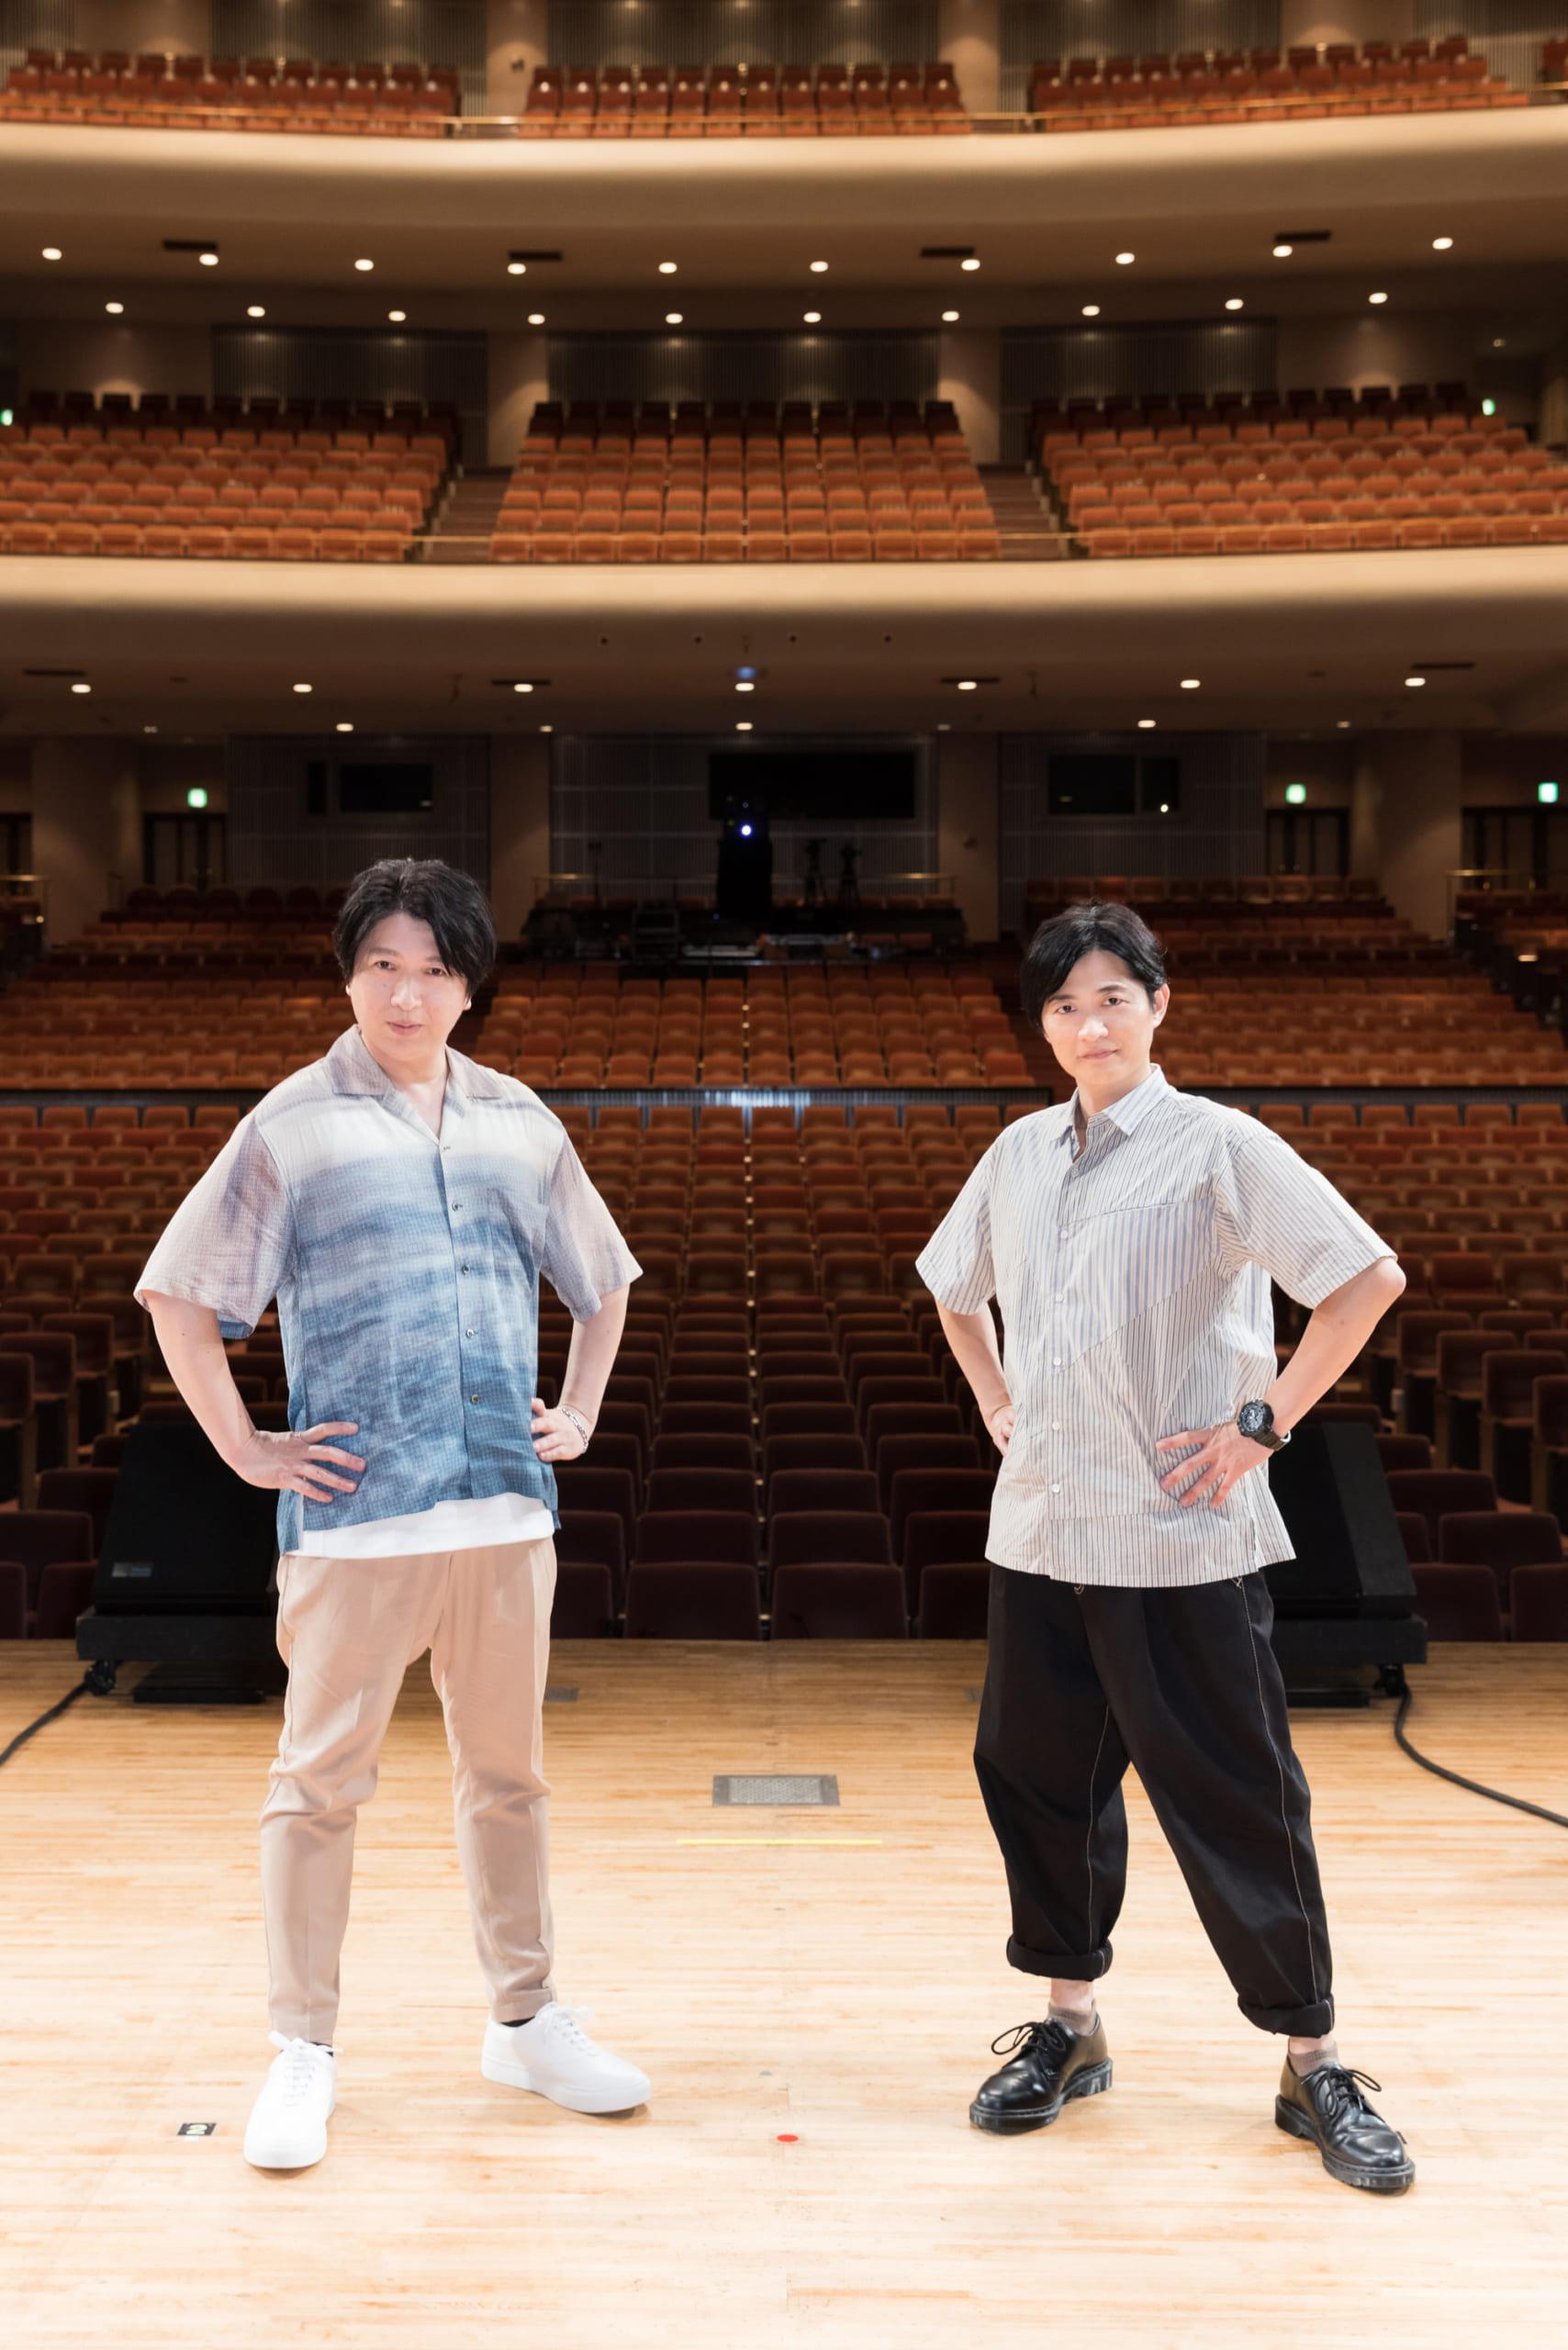 小野大輔さん&下野紘さんが選んだお土産がもらえる?!「小野下野のどこでもクエスト2」イベントレポート到着!